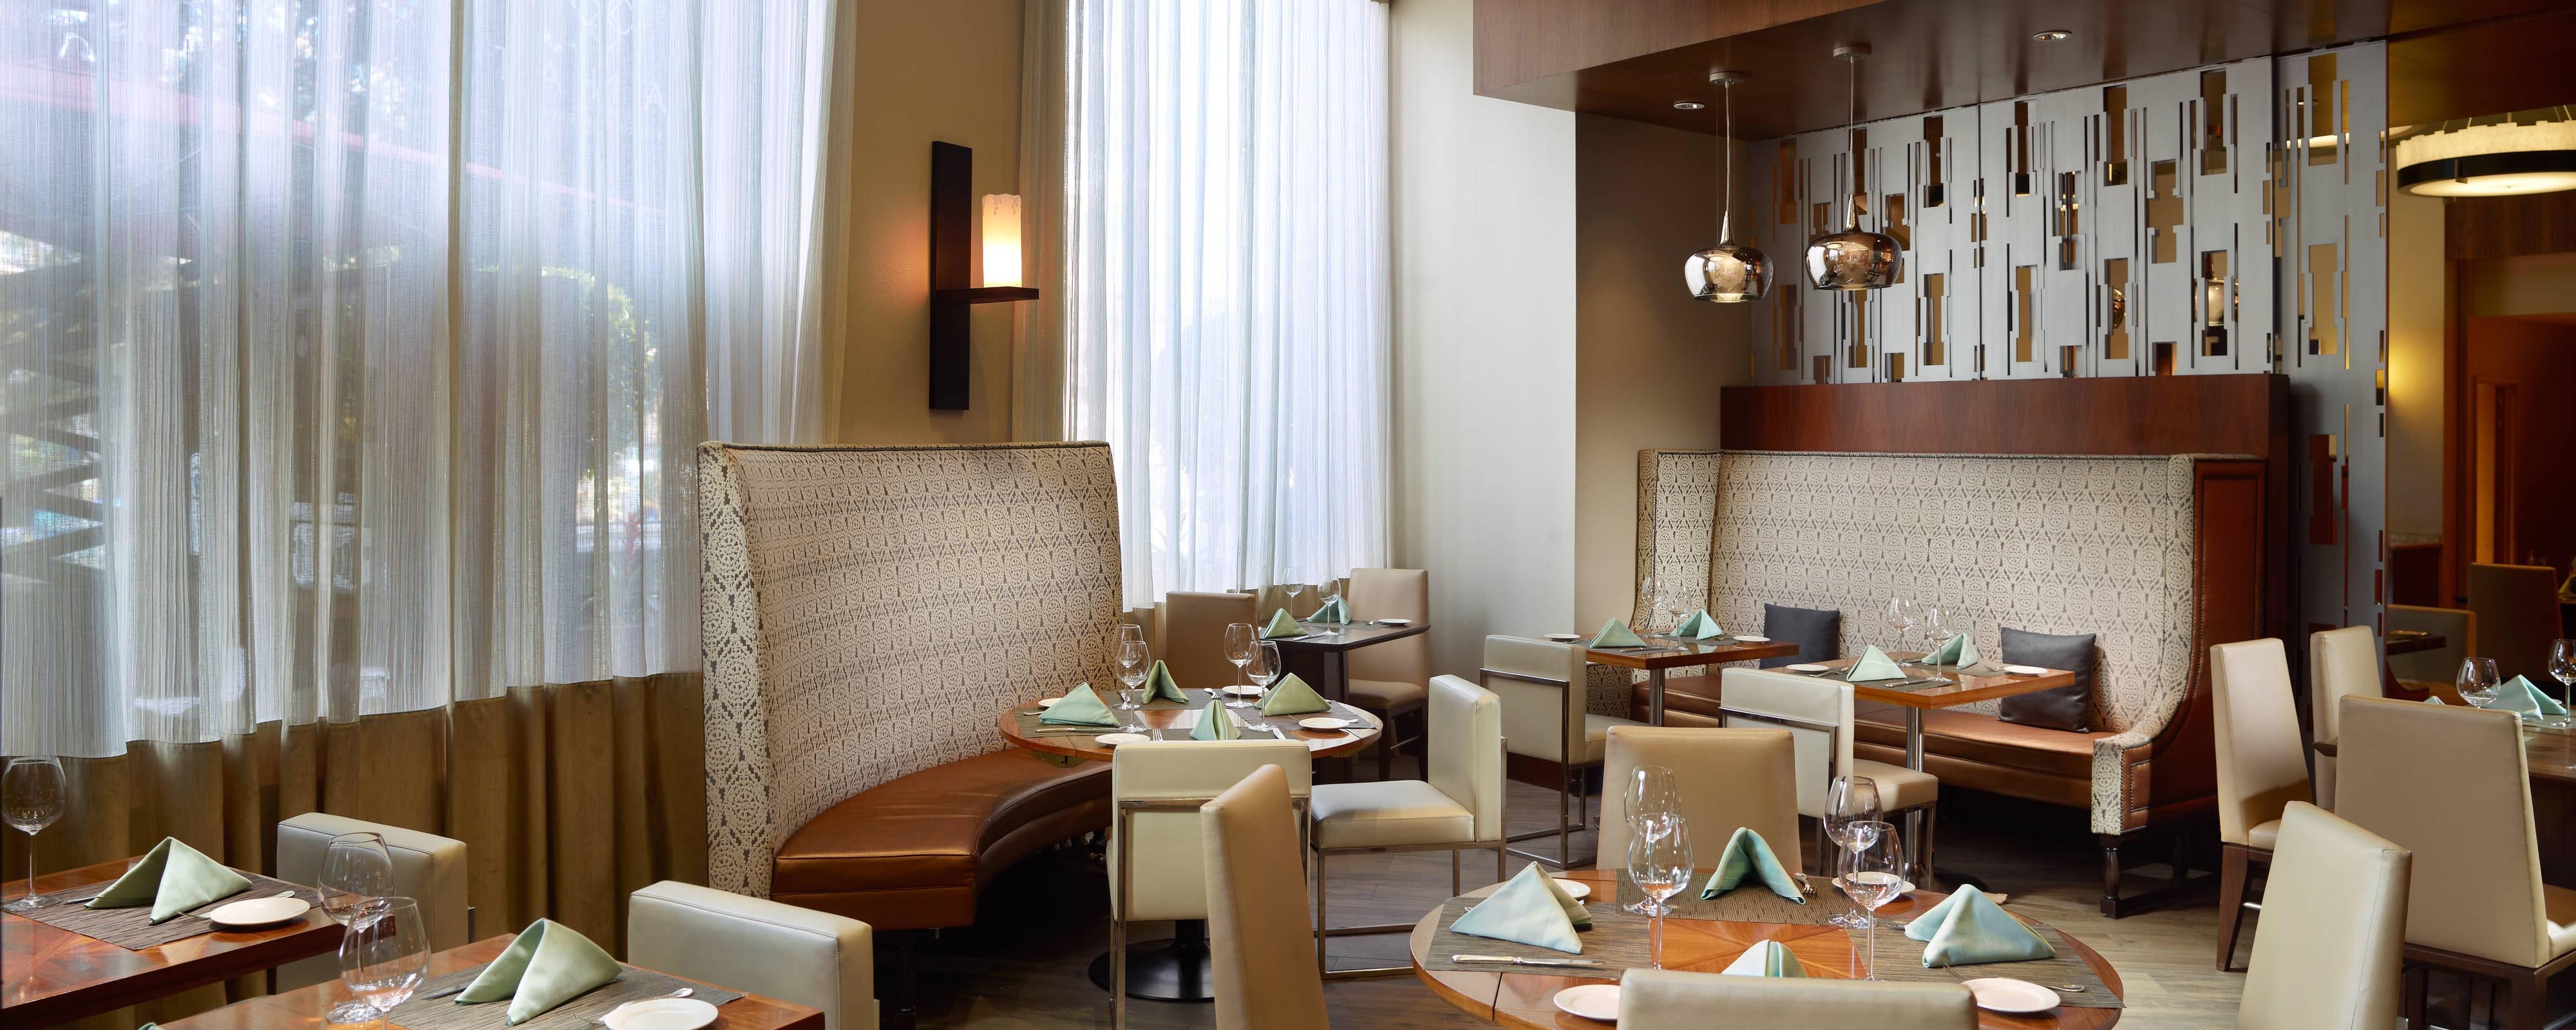 Mejores Restaurantes Mexico DF  JW Marriott Polanco